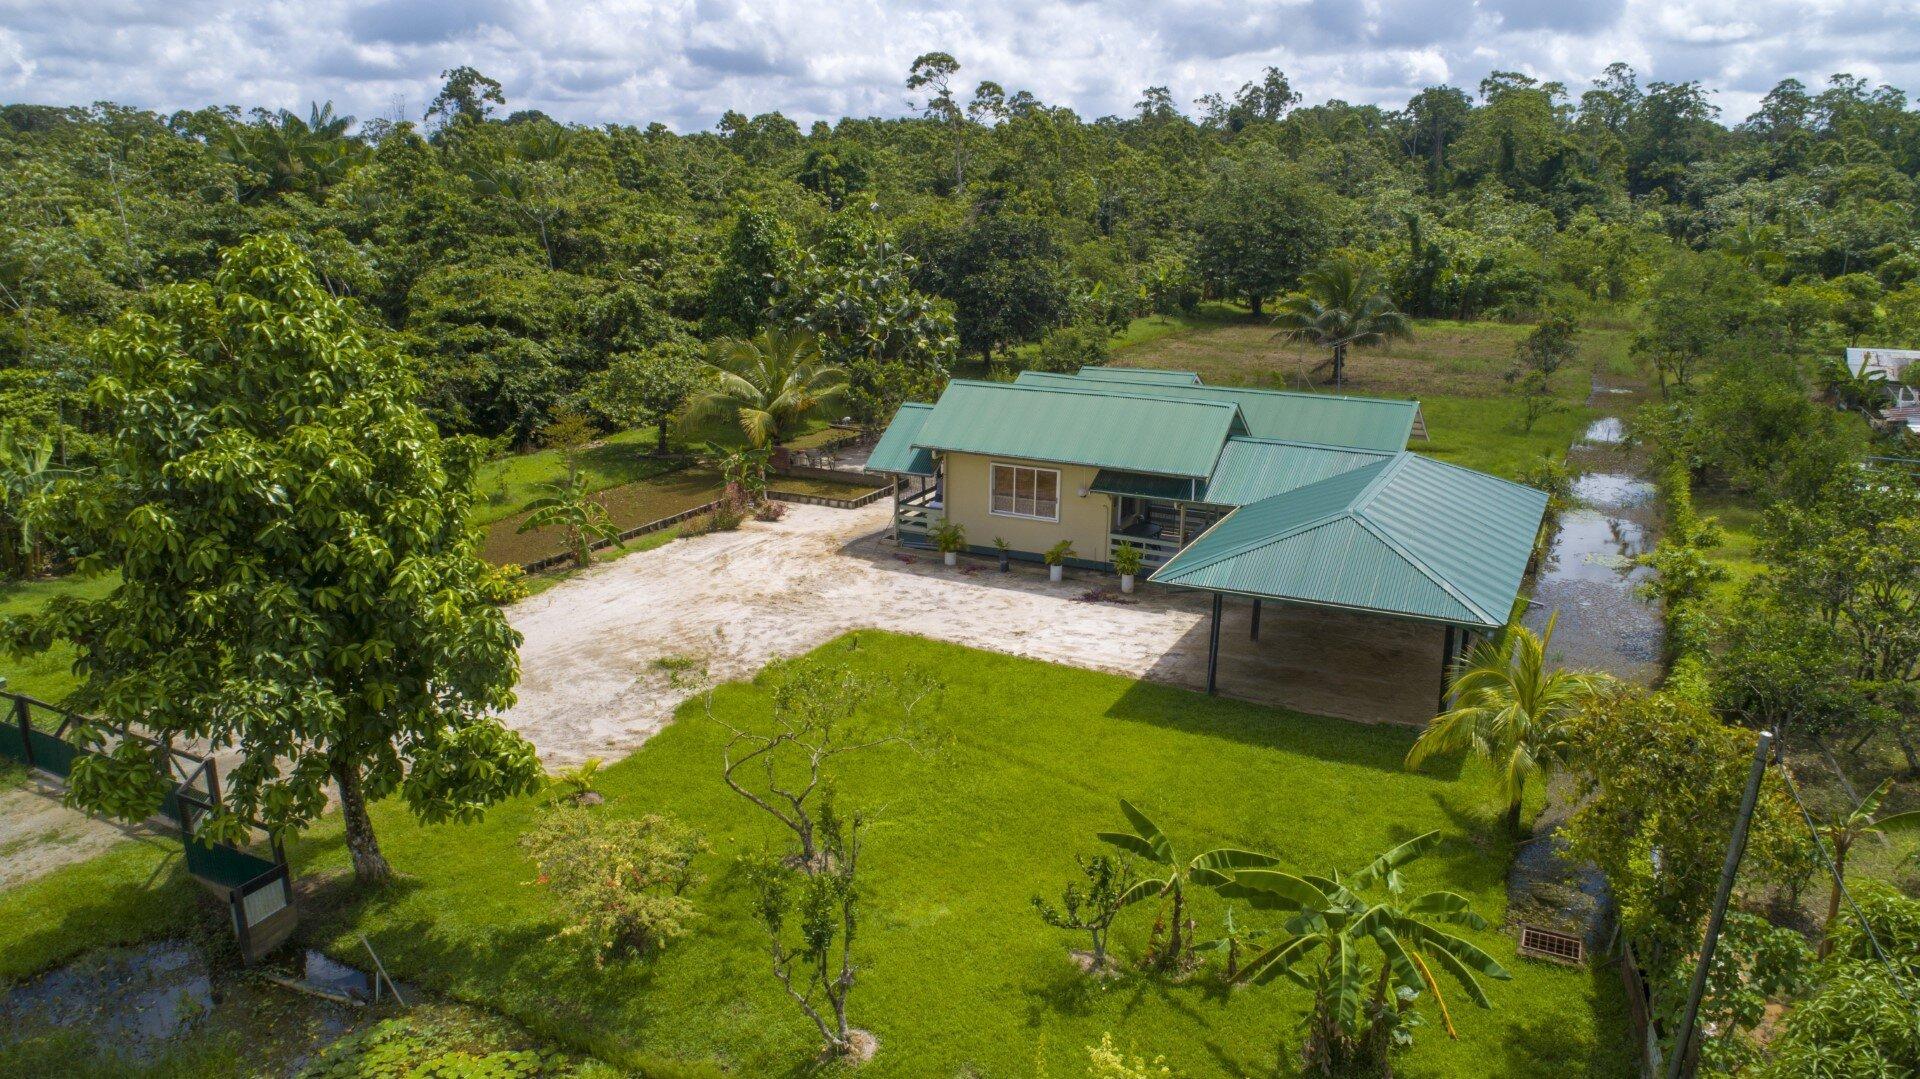 Tawajariepolderweg 40a - Op een korte afstand rijden van Paramaribo staat per direct deze bijzondere woning te koop! - Surgoed Makelaardij NV - Paramaribo, Suriname